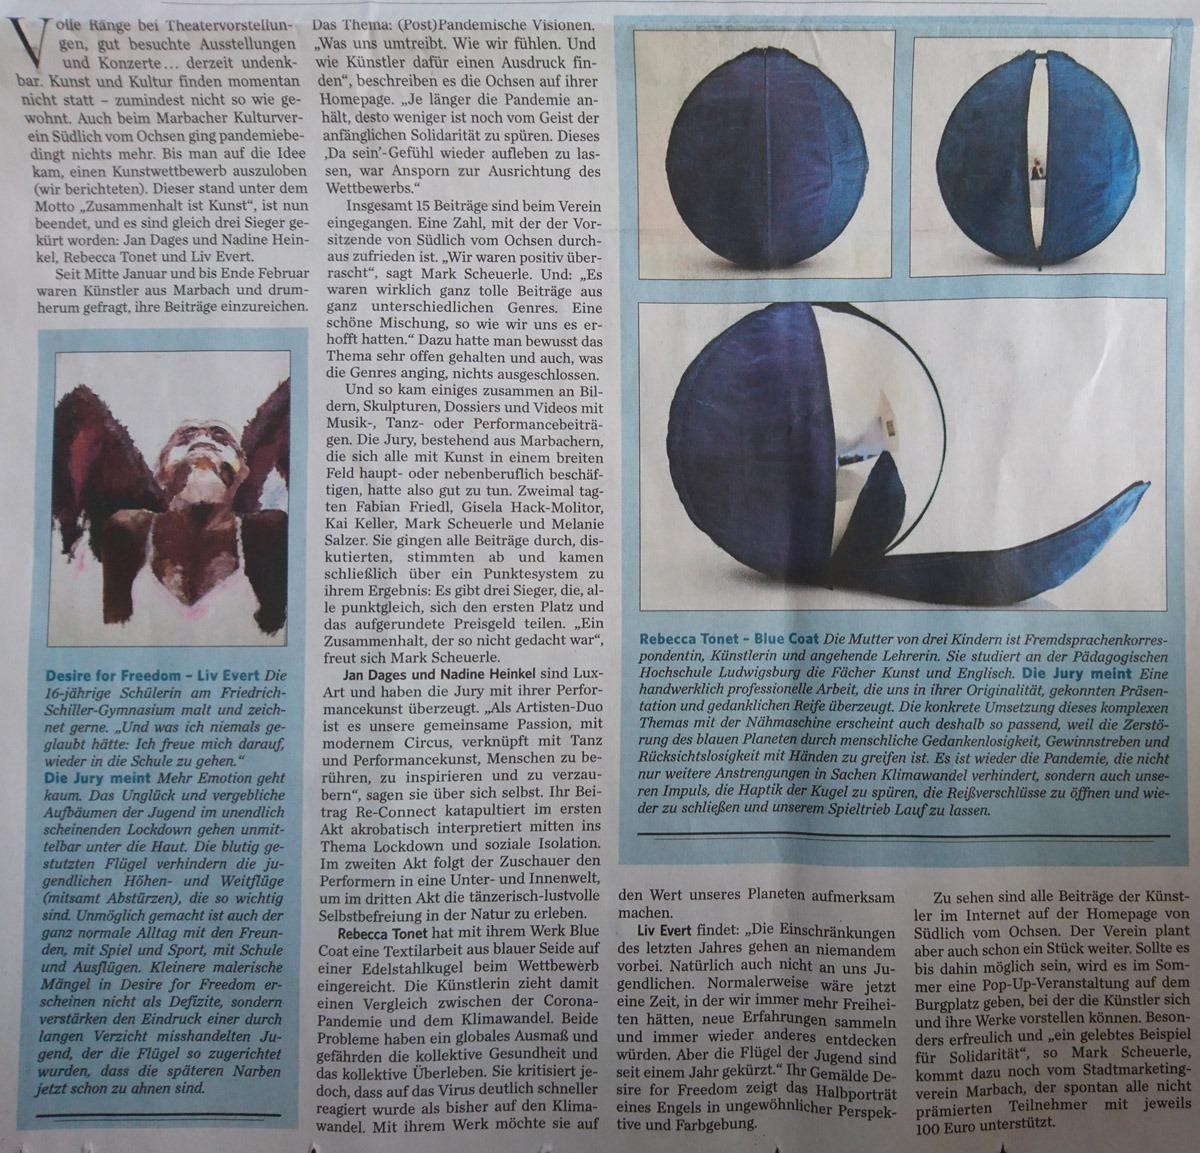 """LuxArt - Performancekunst & Feurtanz gewinnt beim Kunstwettbewerb """"Zusammenhalt ist Kunst"""" - Zeitungsartikel S.2"""